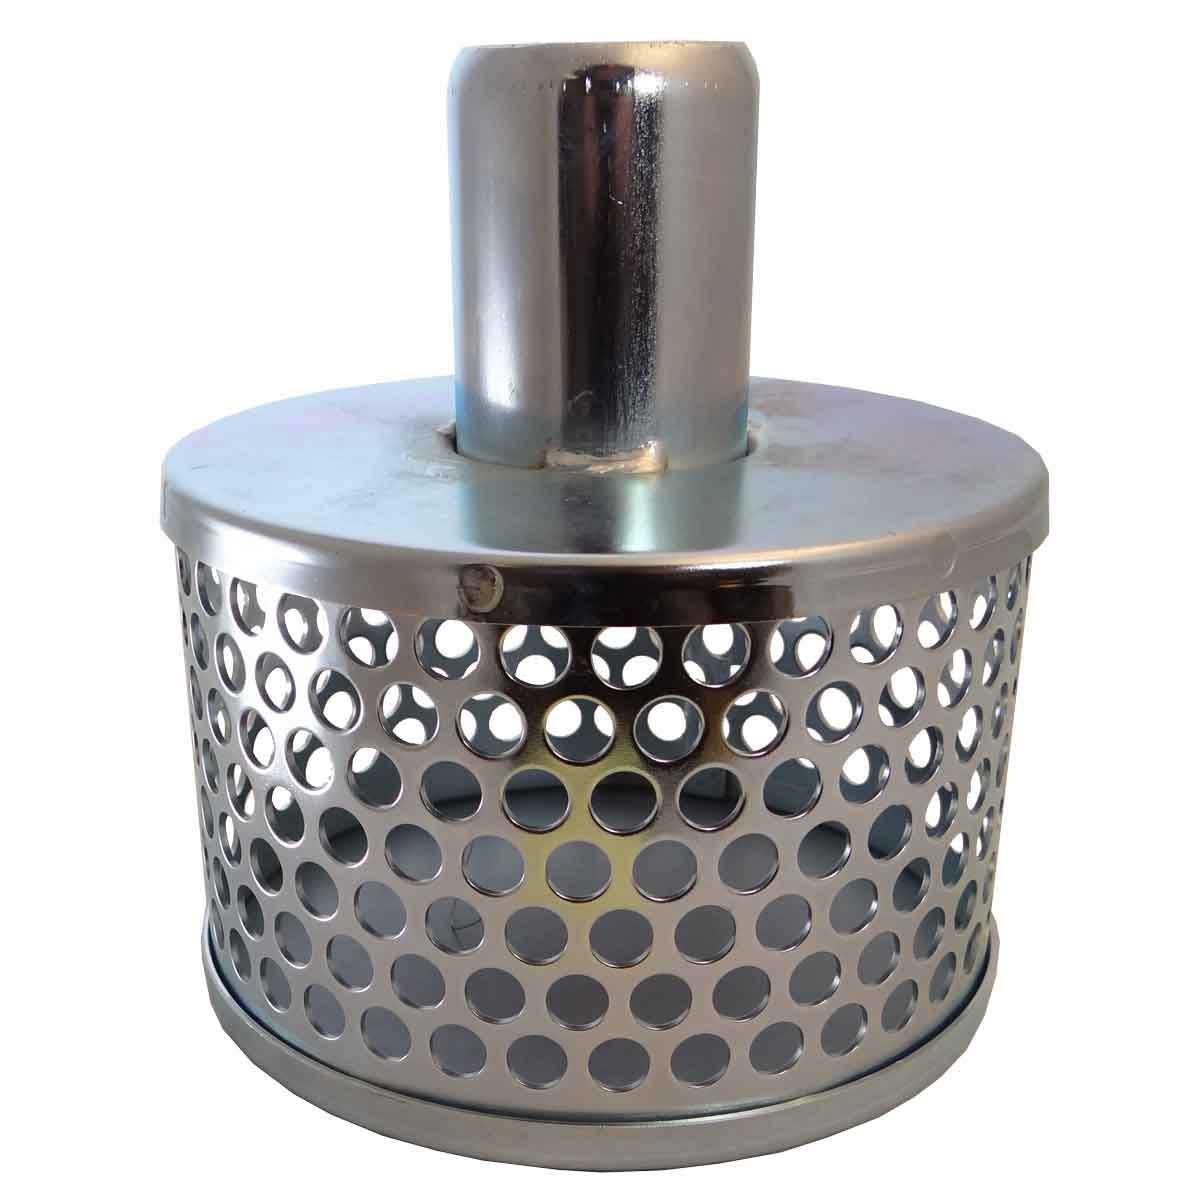 5000028507 Wacker Neuson Metal Suction Strainer